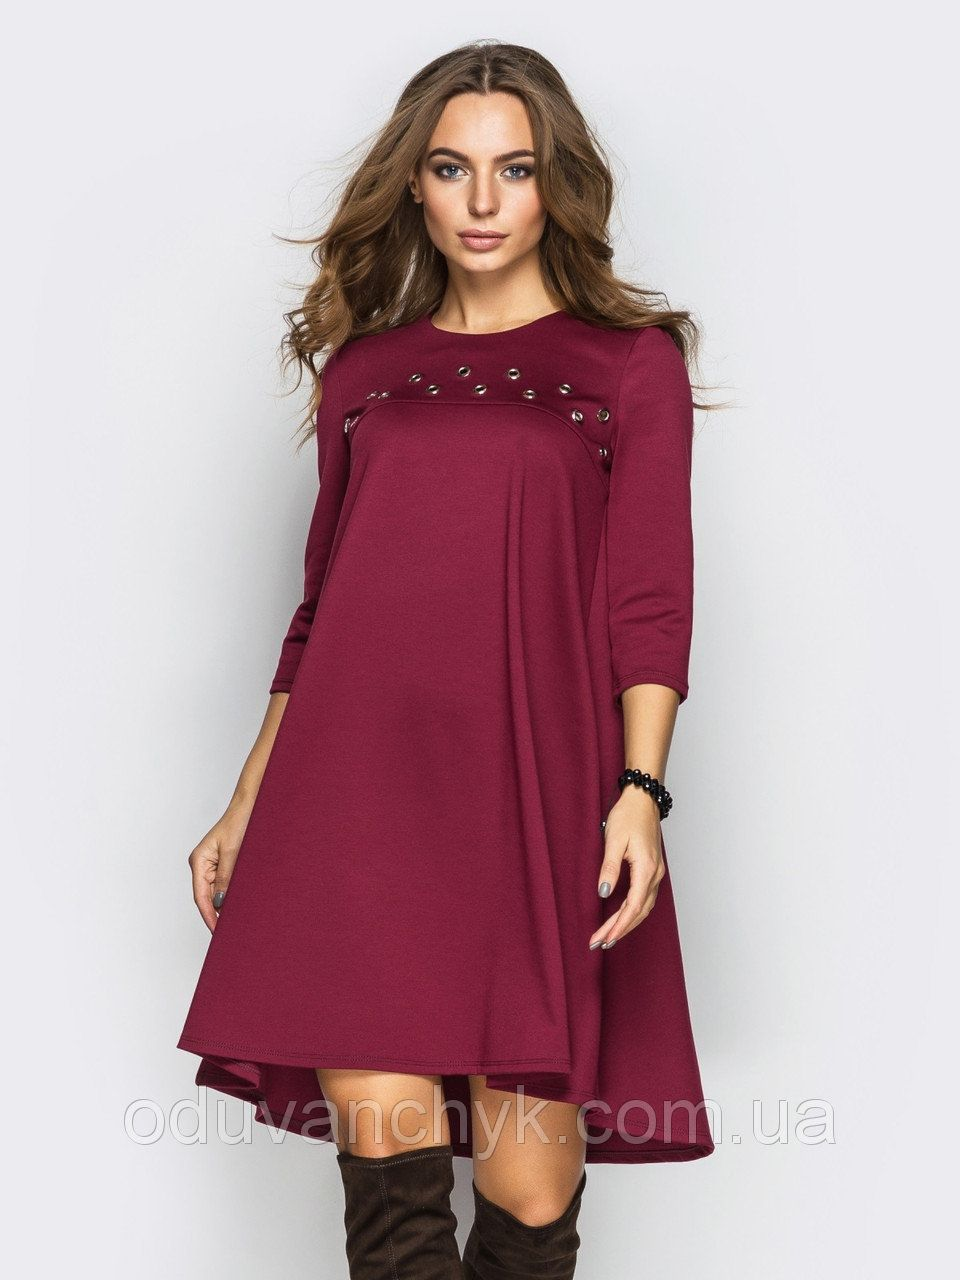 Жіноче плаття купити якісні плаття з доставкою по Україні. Великий вибір  плать для сучасних дівчат 428ae9a4ea4e2